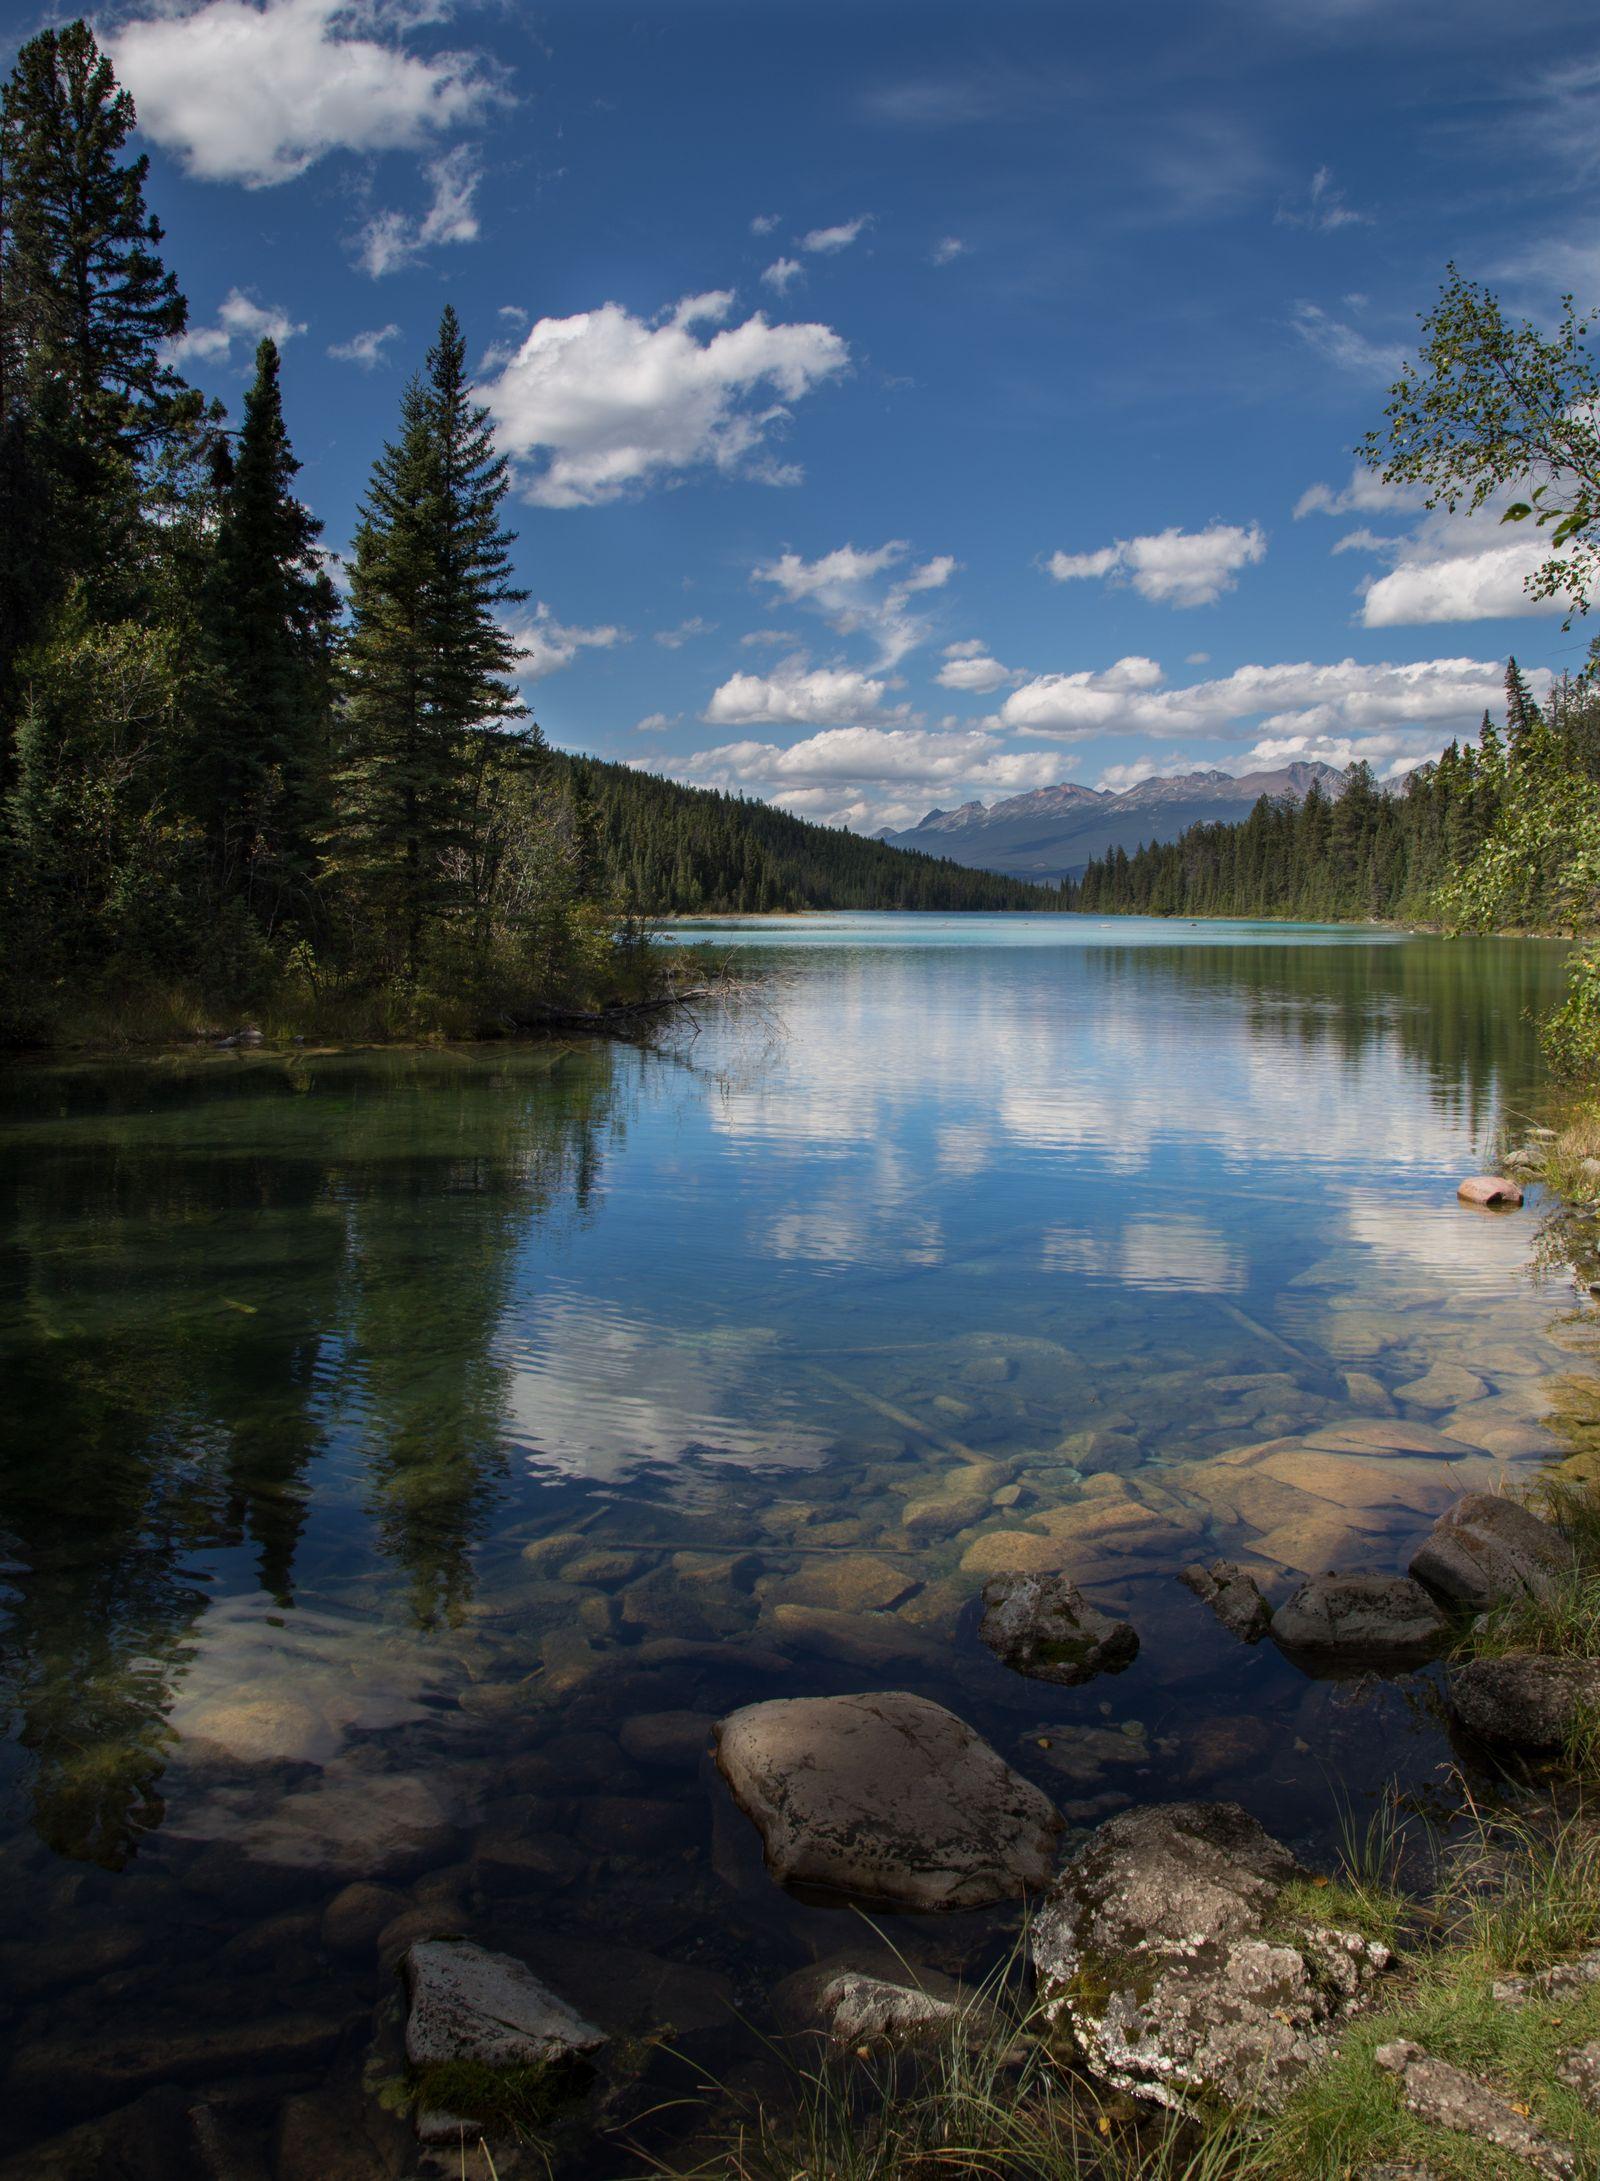 Un vistazo furtivo al quinto lago